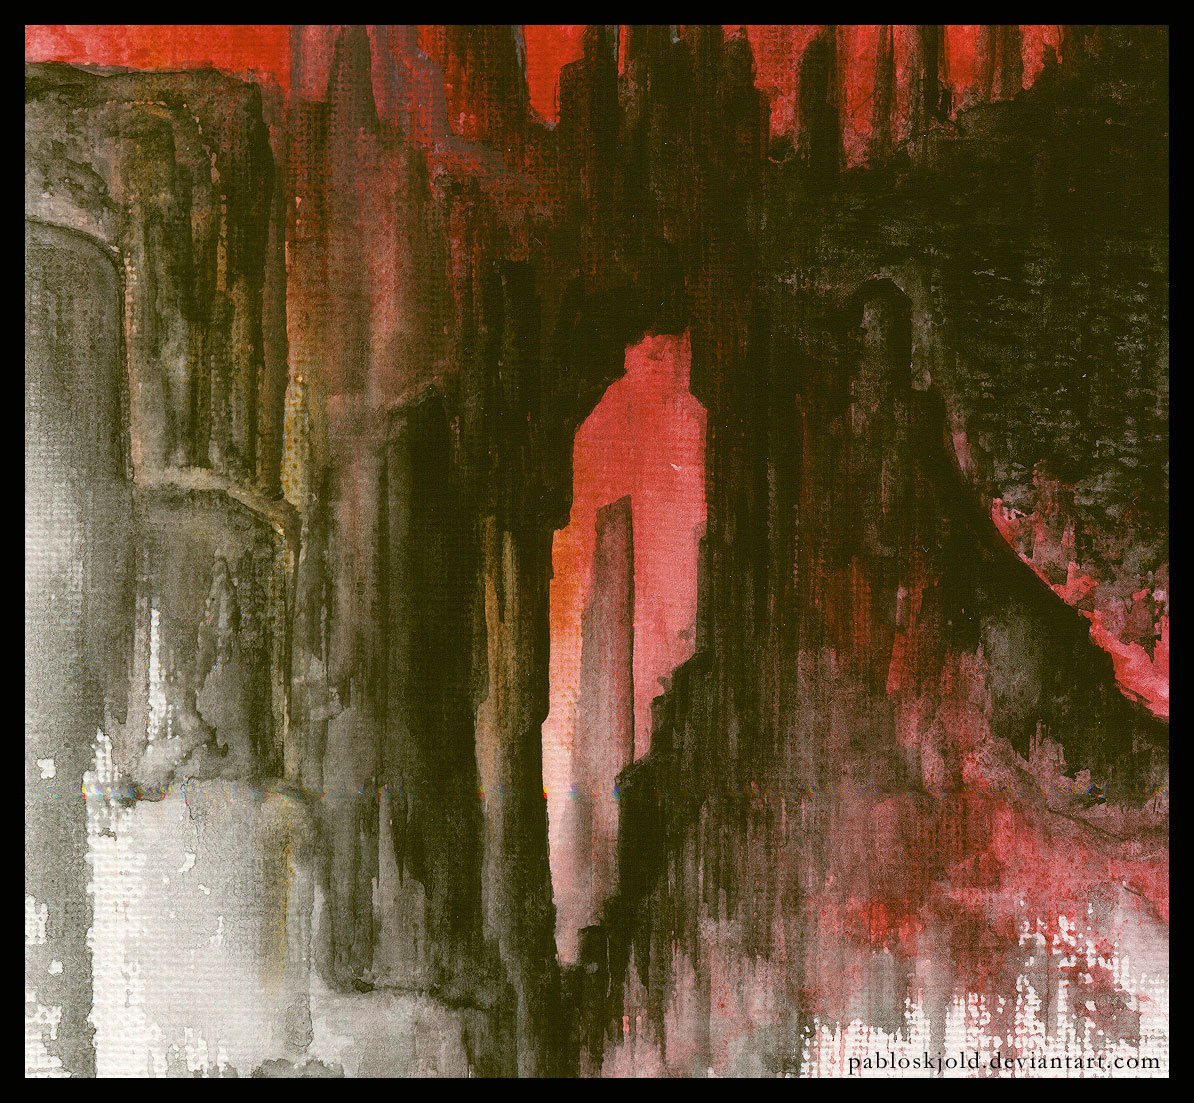 http://fc01.deviantart.net/fs22/f/2008/026/f/d/enigmatic_subterranean_tower_by_pabloskjold.jpg